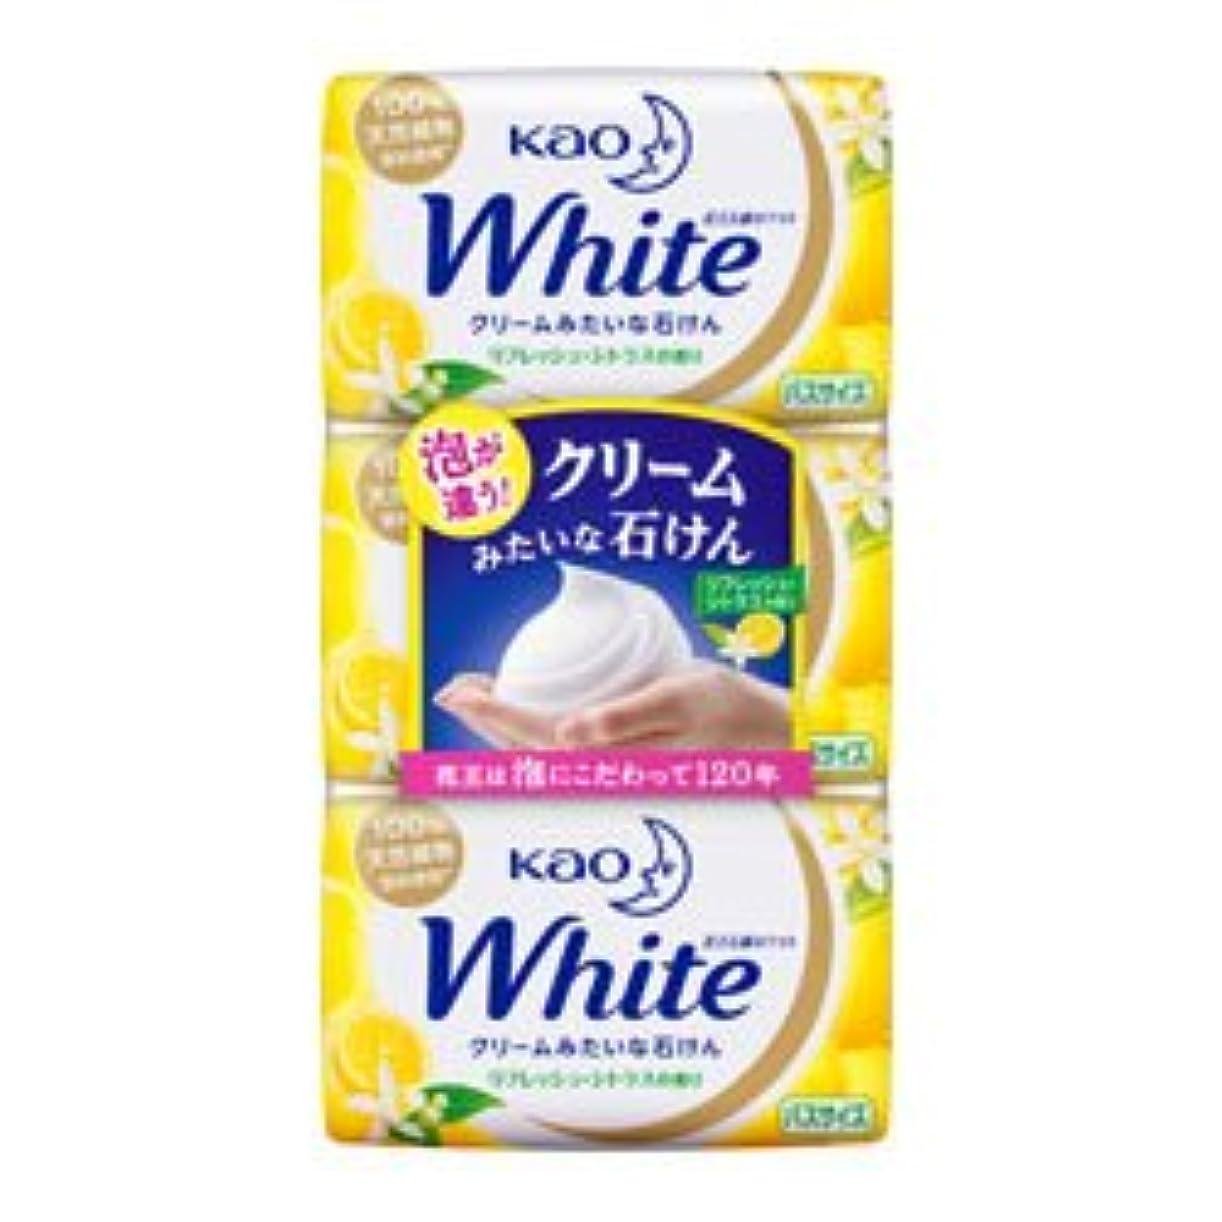 フルーツ野菜打ち負かすバリケード【花王】ホワイト リフレッシュ?シトラスの香り バスサイズ 130g×3個入 ×20個セット